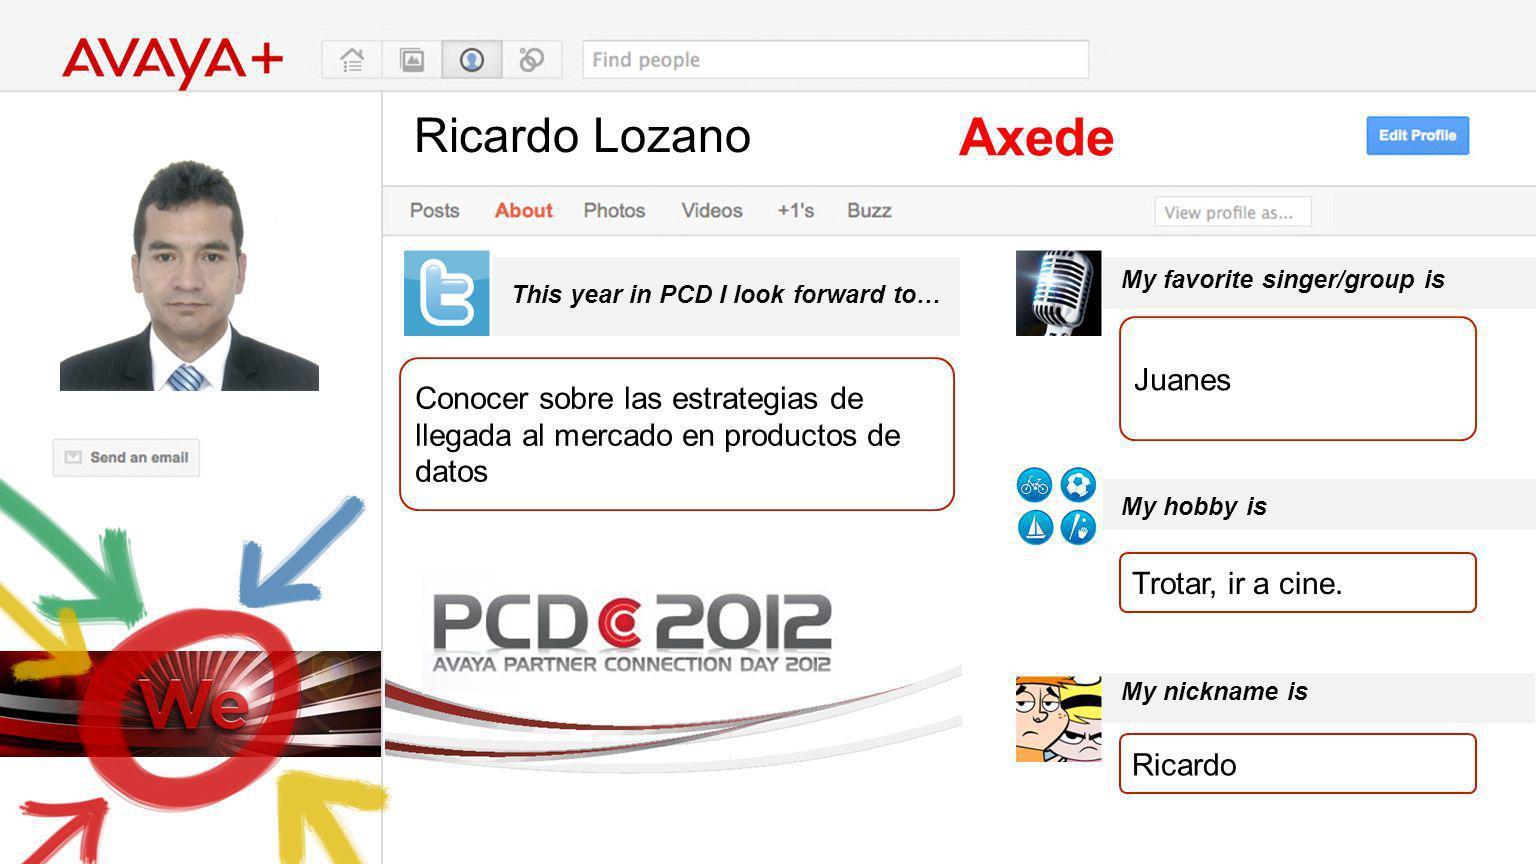 Ricardo Lozano This year in PCD I look forward to… Axede Conocer sobre las estrategias de llegada al mercado en productos de datos My favorite singer/